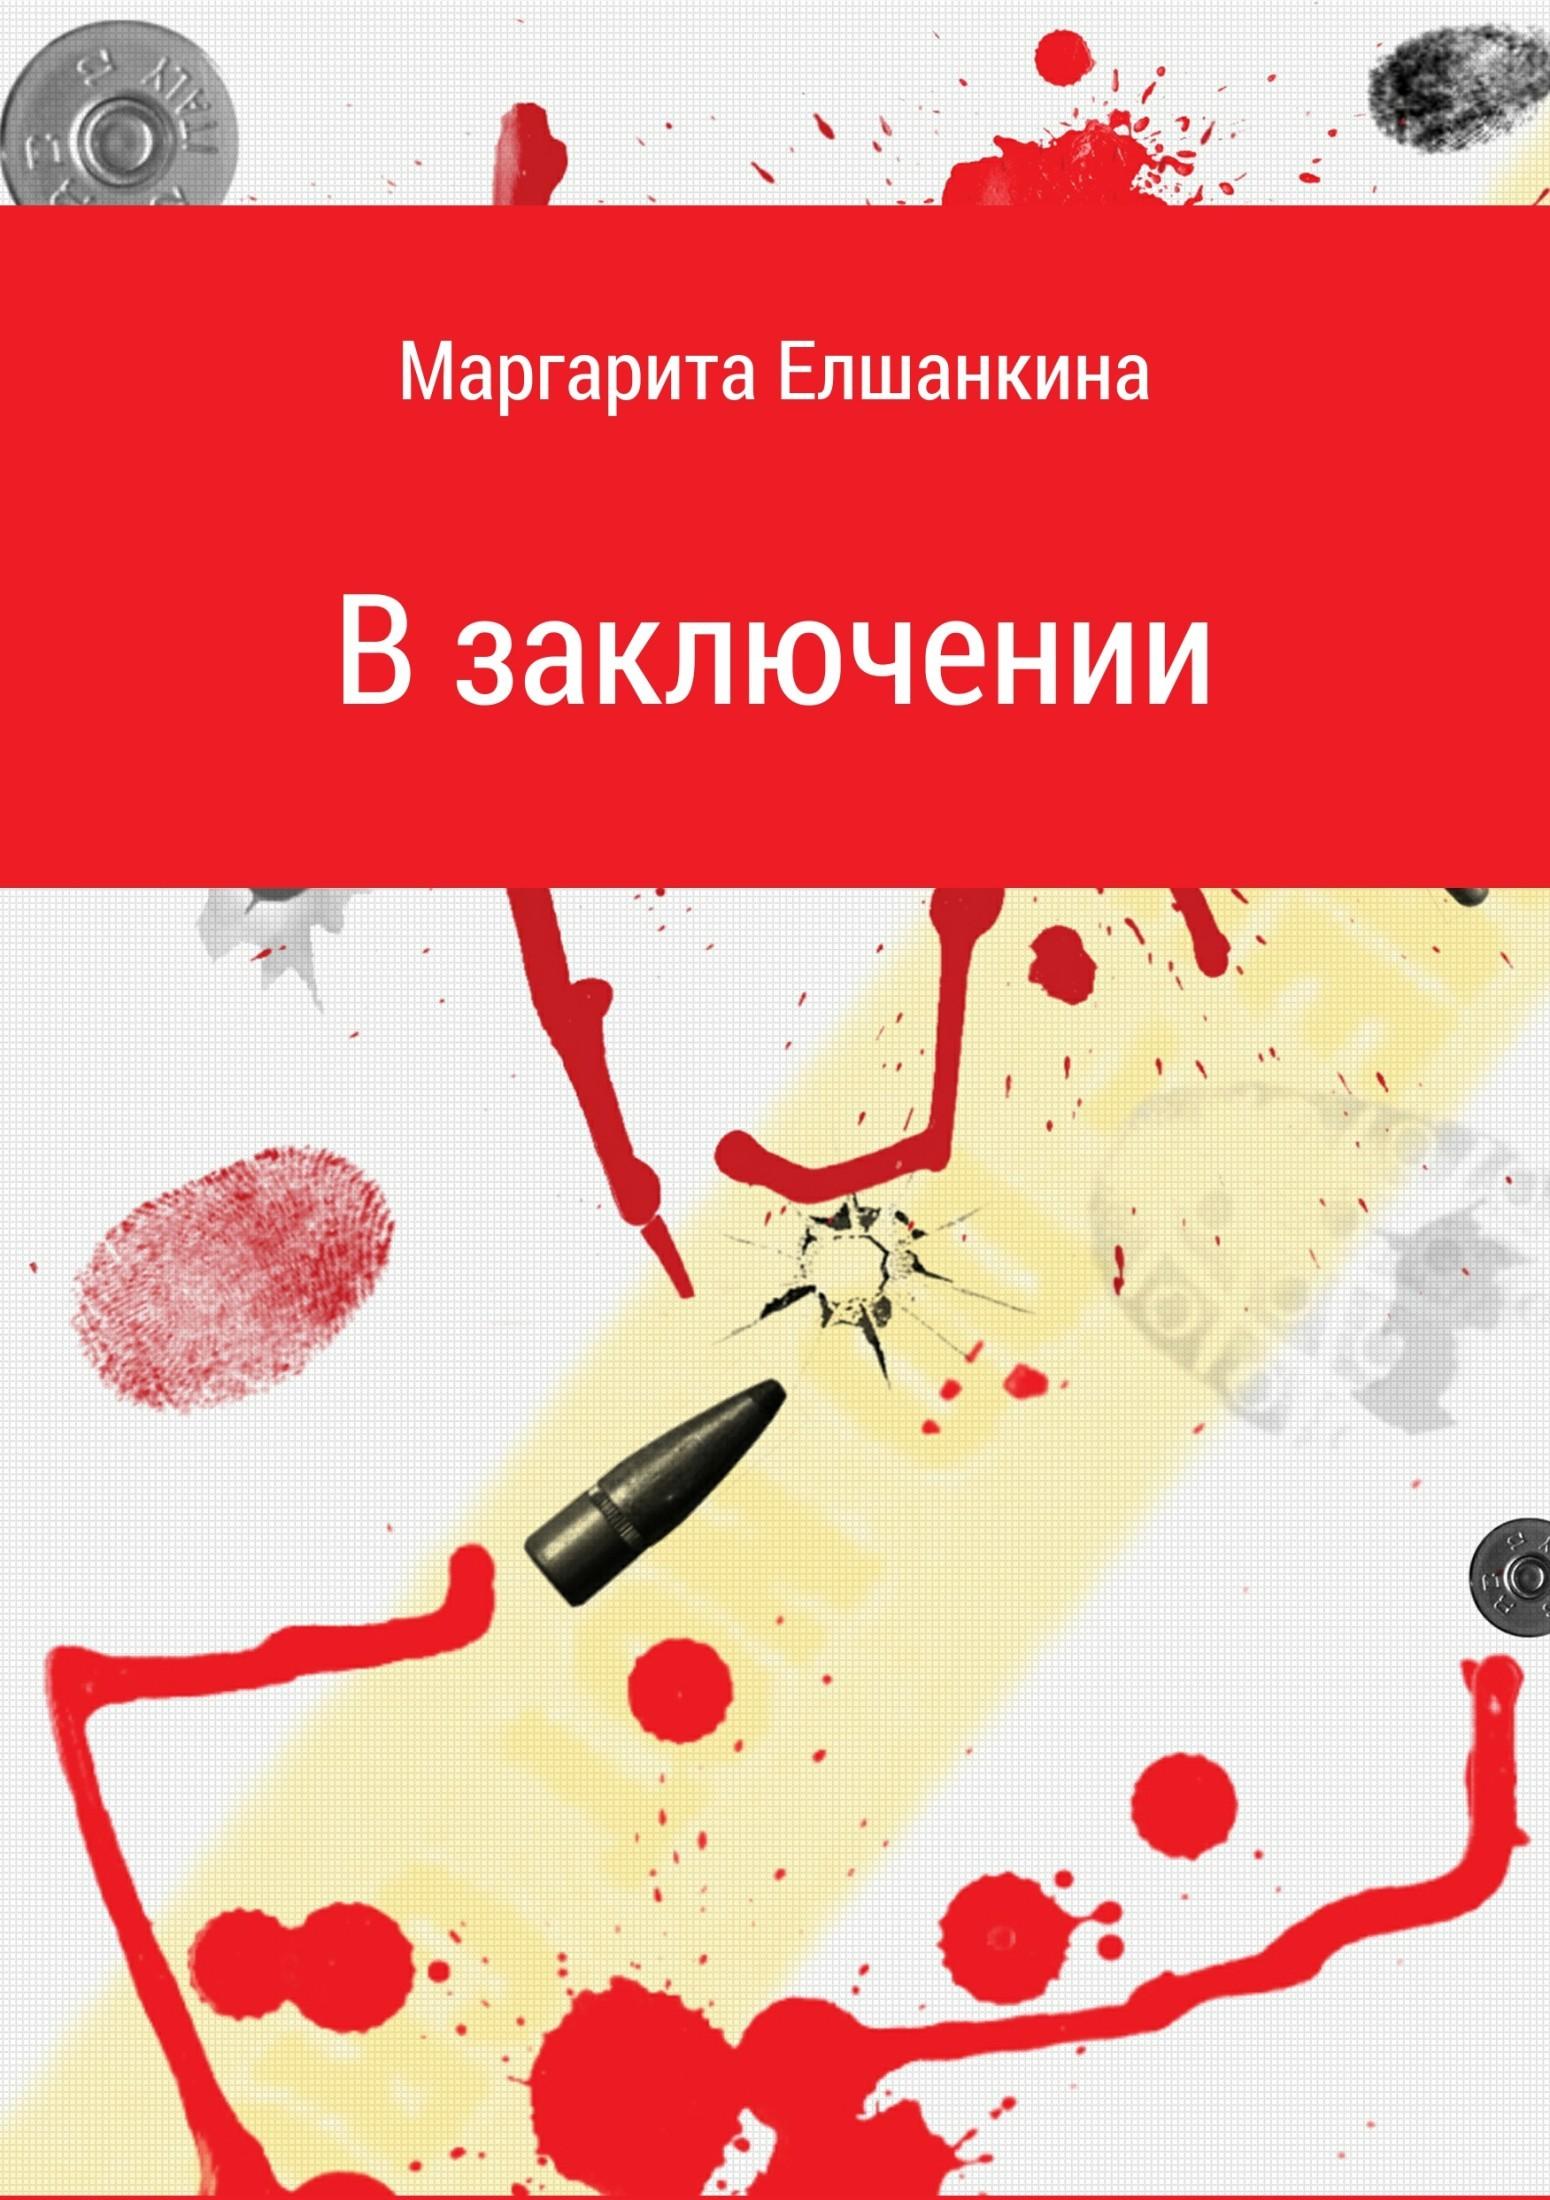 Маргарита Елшанкина - В заключении